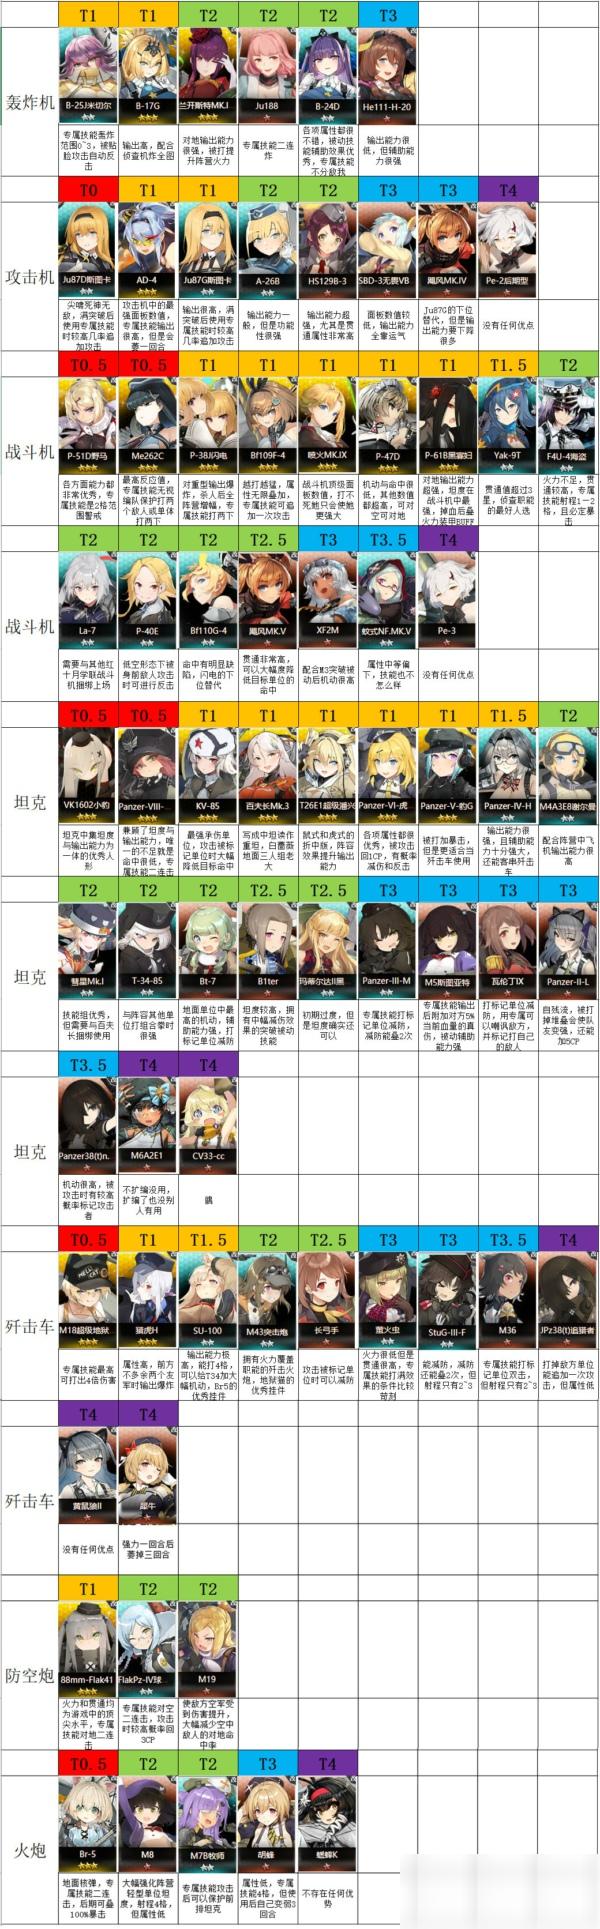 灰烬战线角色排行榜 全角色强度排行榜一览